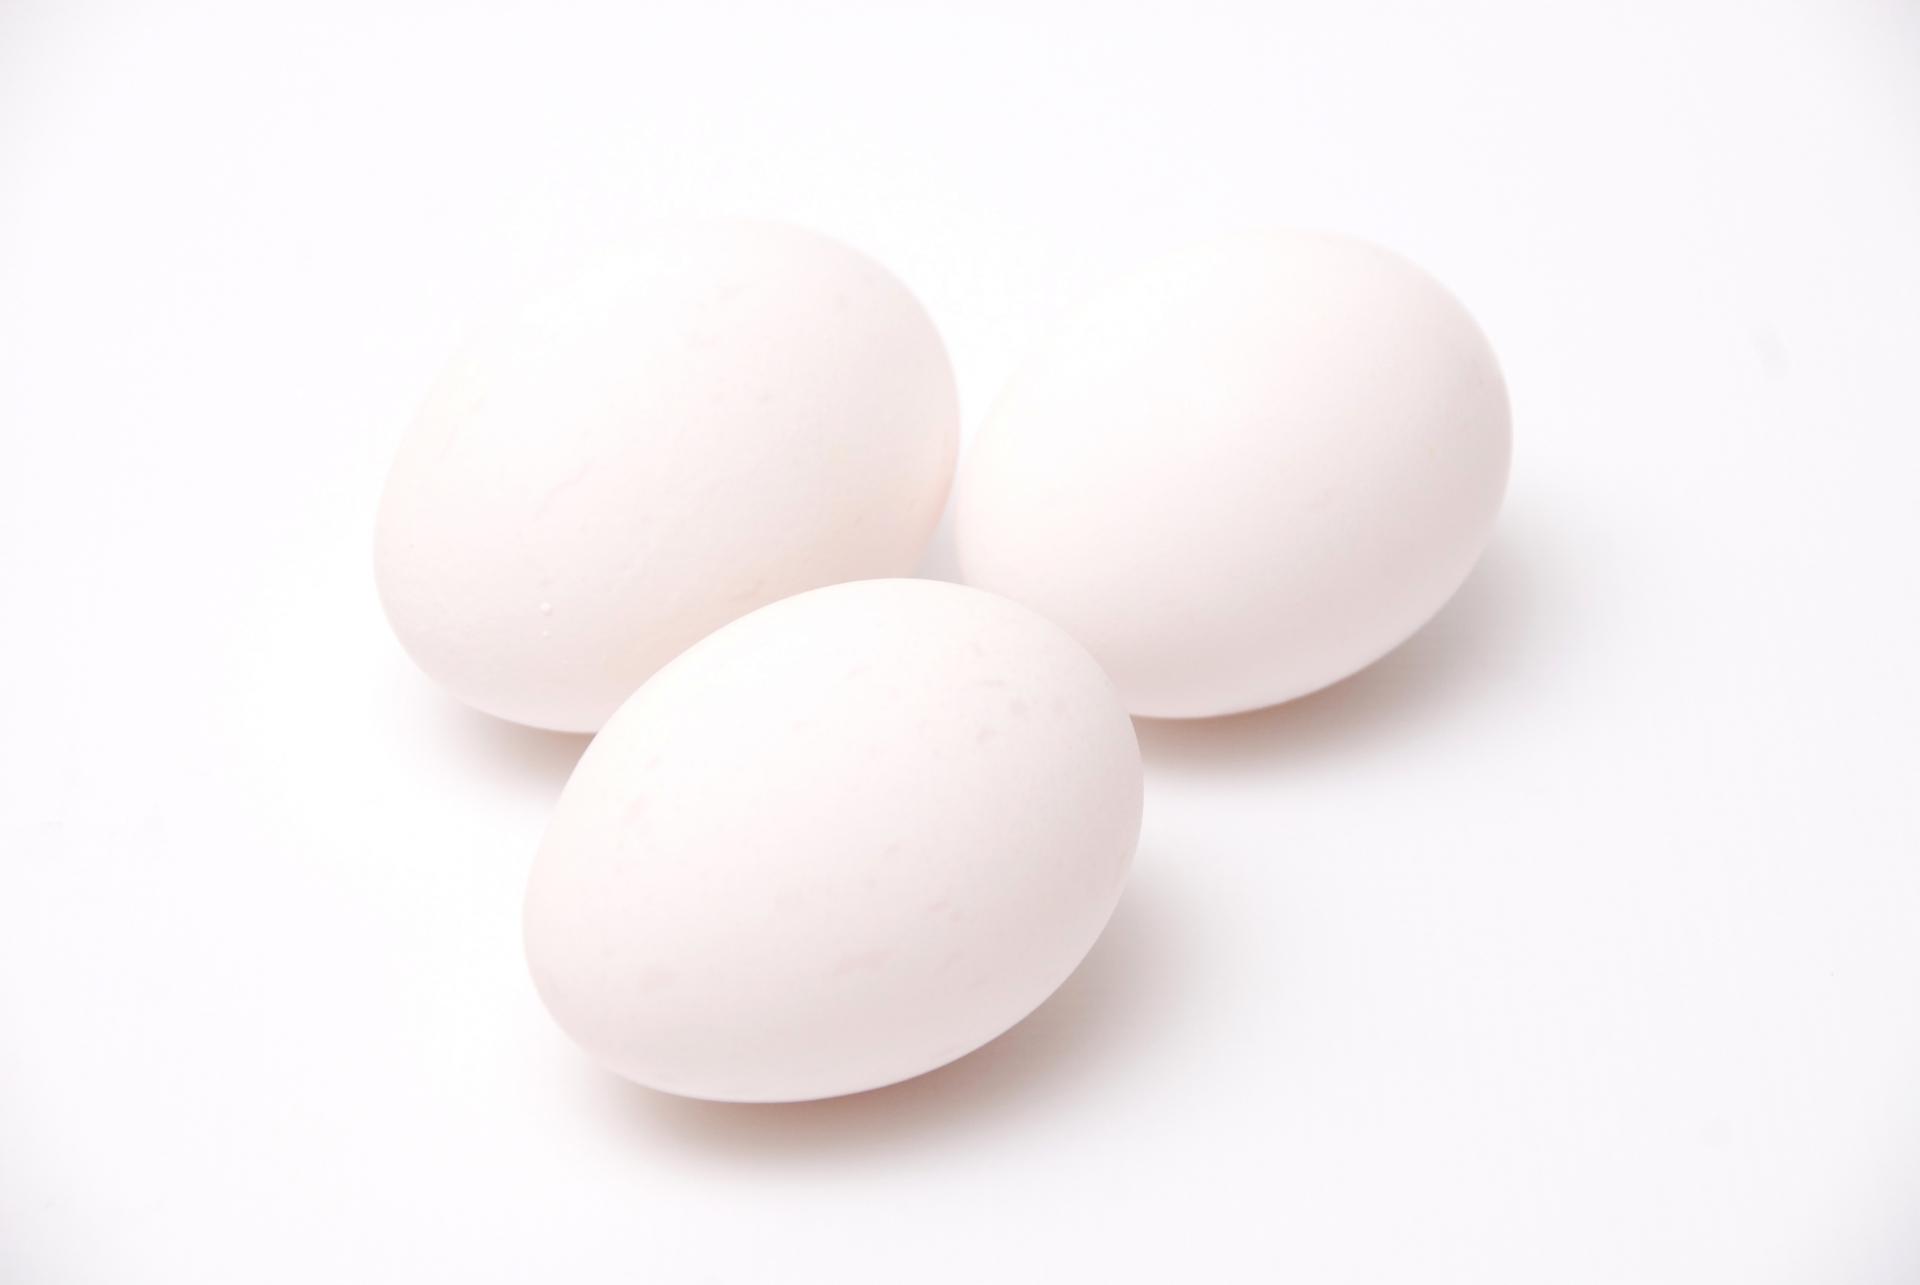 卵白や卵黄で育毛効果が違う?ビオチンが豊富な卵で薄毛対策